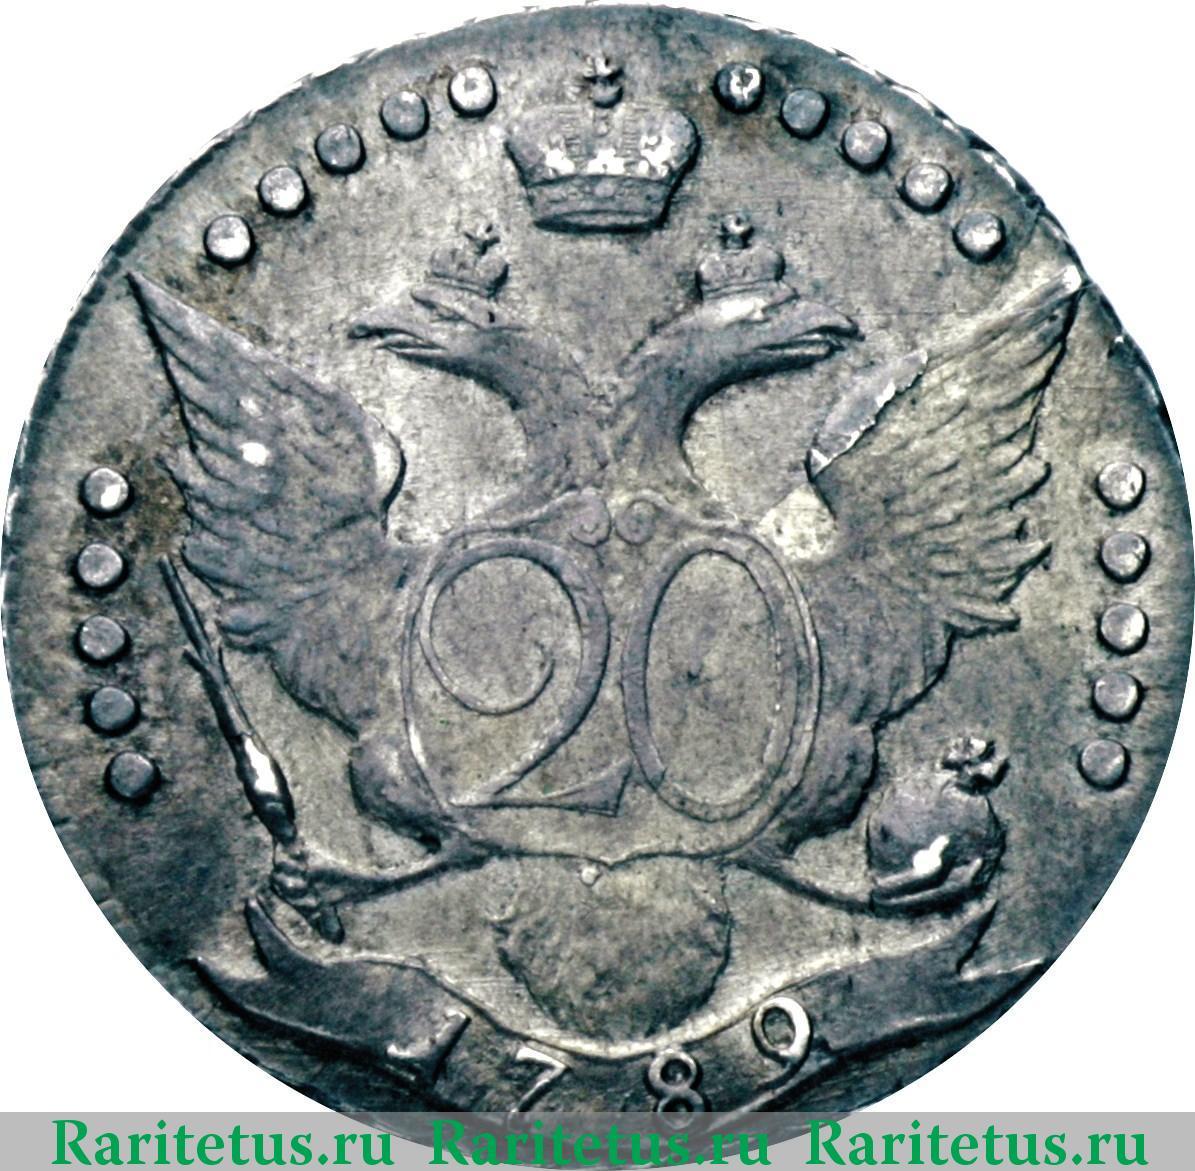 Монета екатерина 1789 цена поменять евро монеты минск